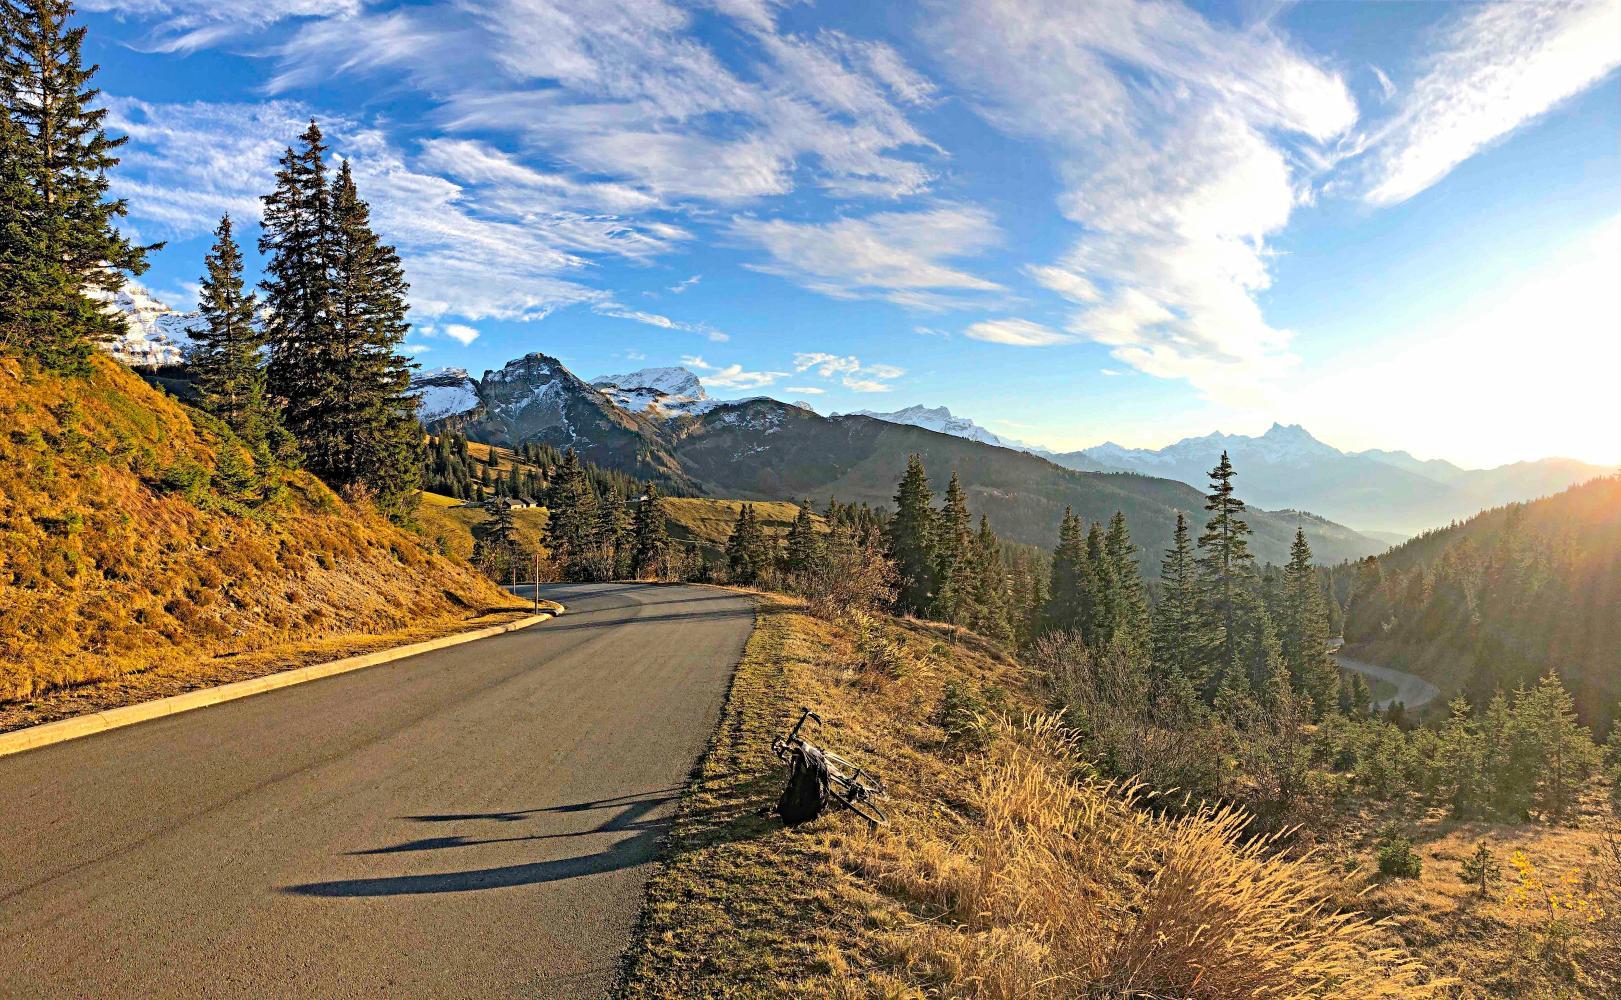 Col de la Croix  Bike Climb - PJAMM Cycling